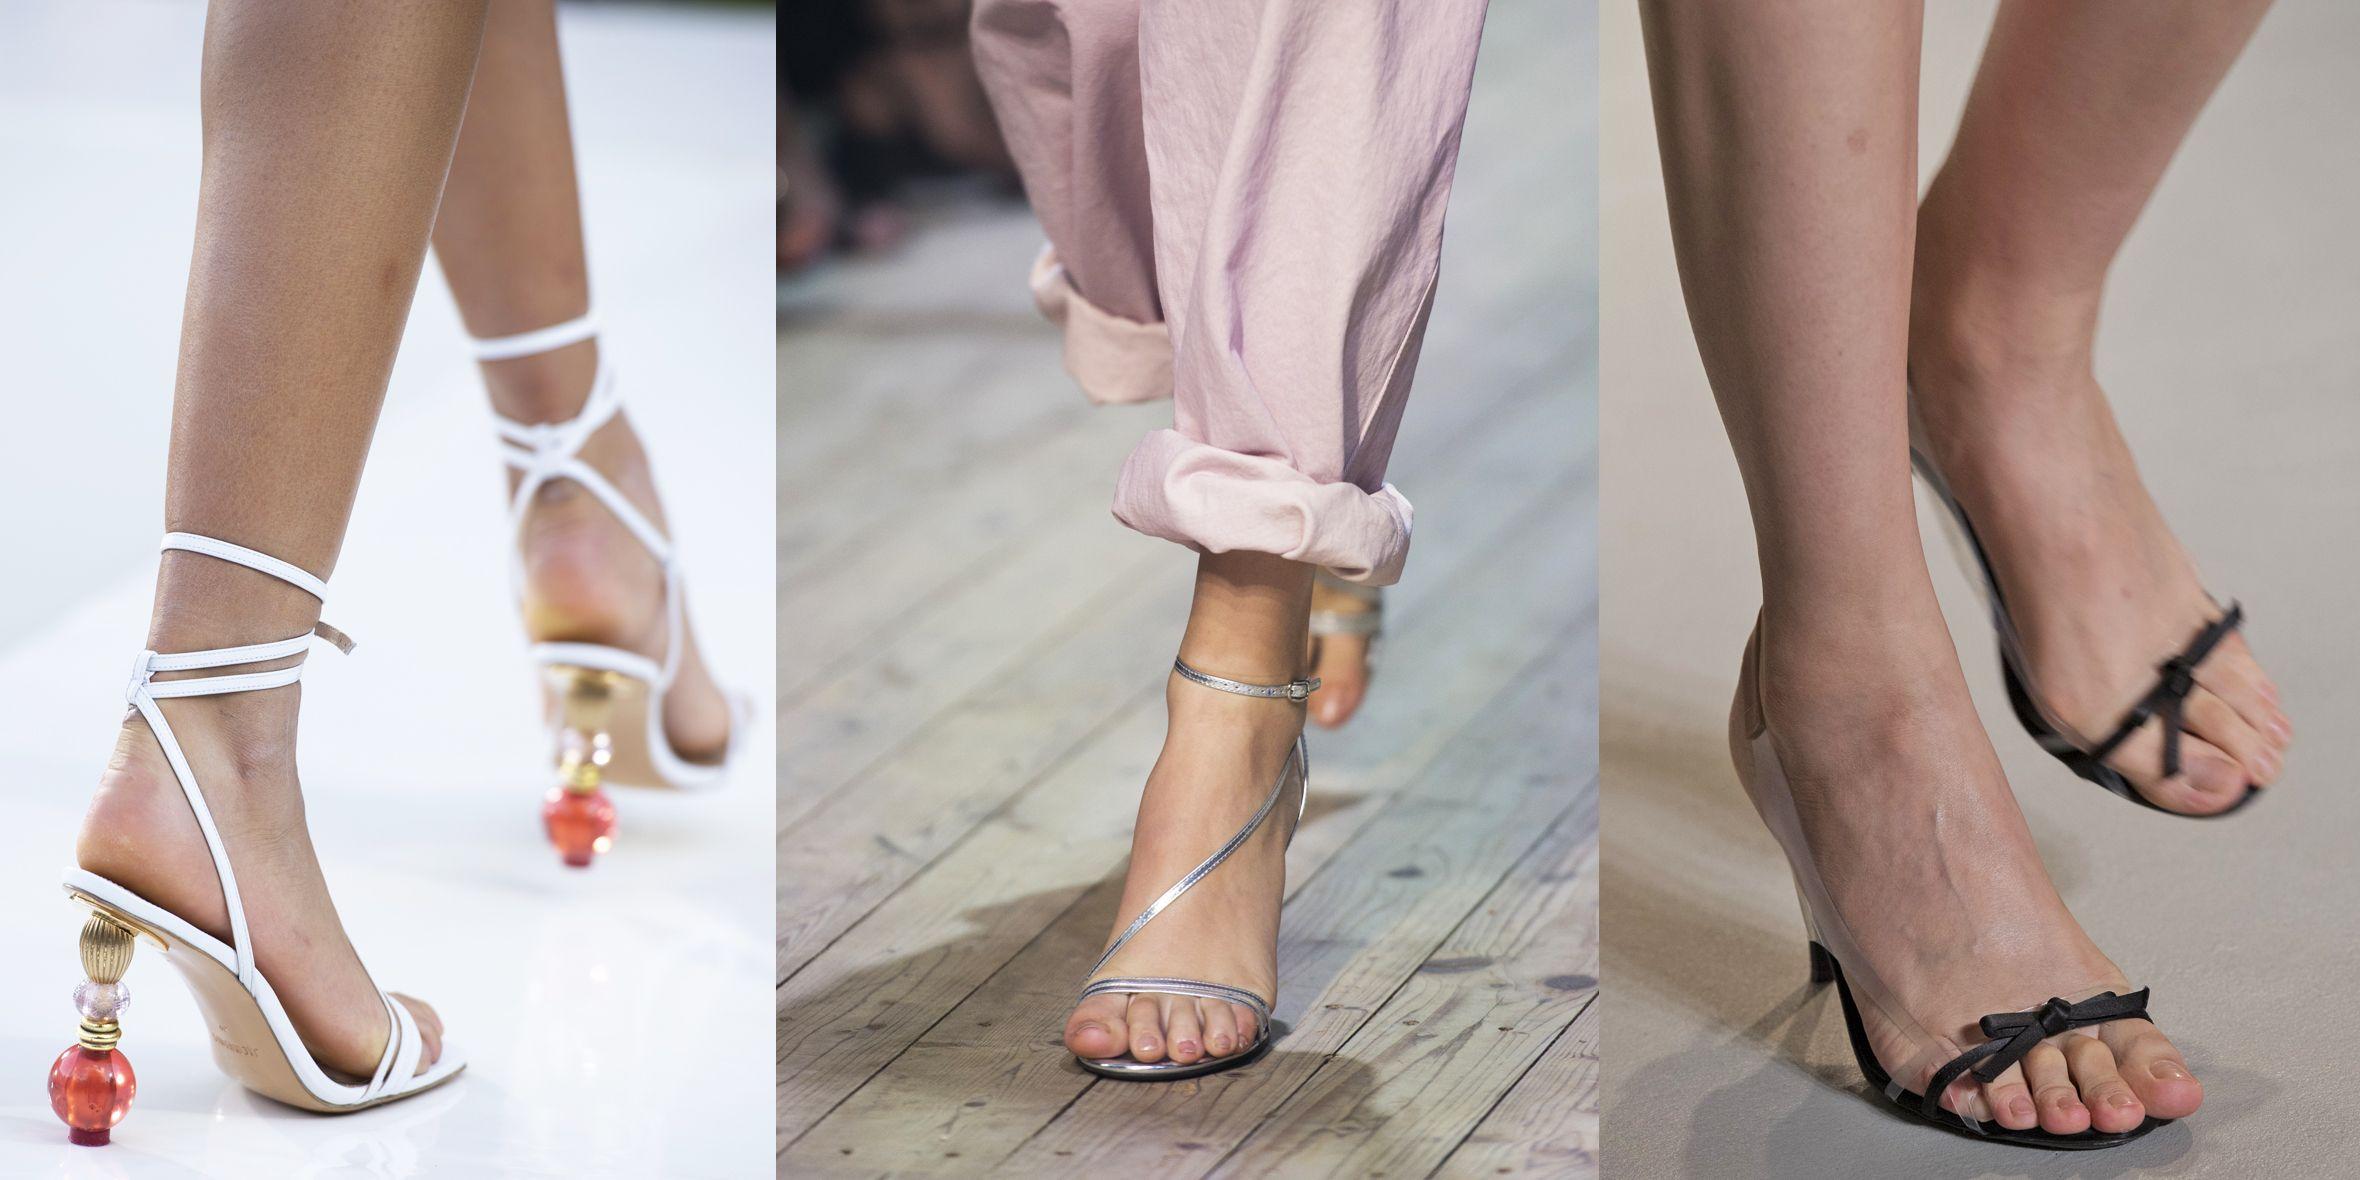 Sfilano sulle passerelle più importanti del mondo le scarpe della prossima primavera estate 2019: ci sono tutti i modelli per cui perdere la testa, sandali bassi, pump, sneakers, stivaletti open toe, killer heel e kitten heel.